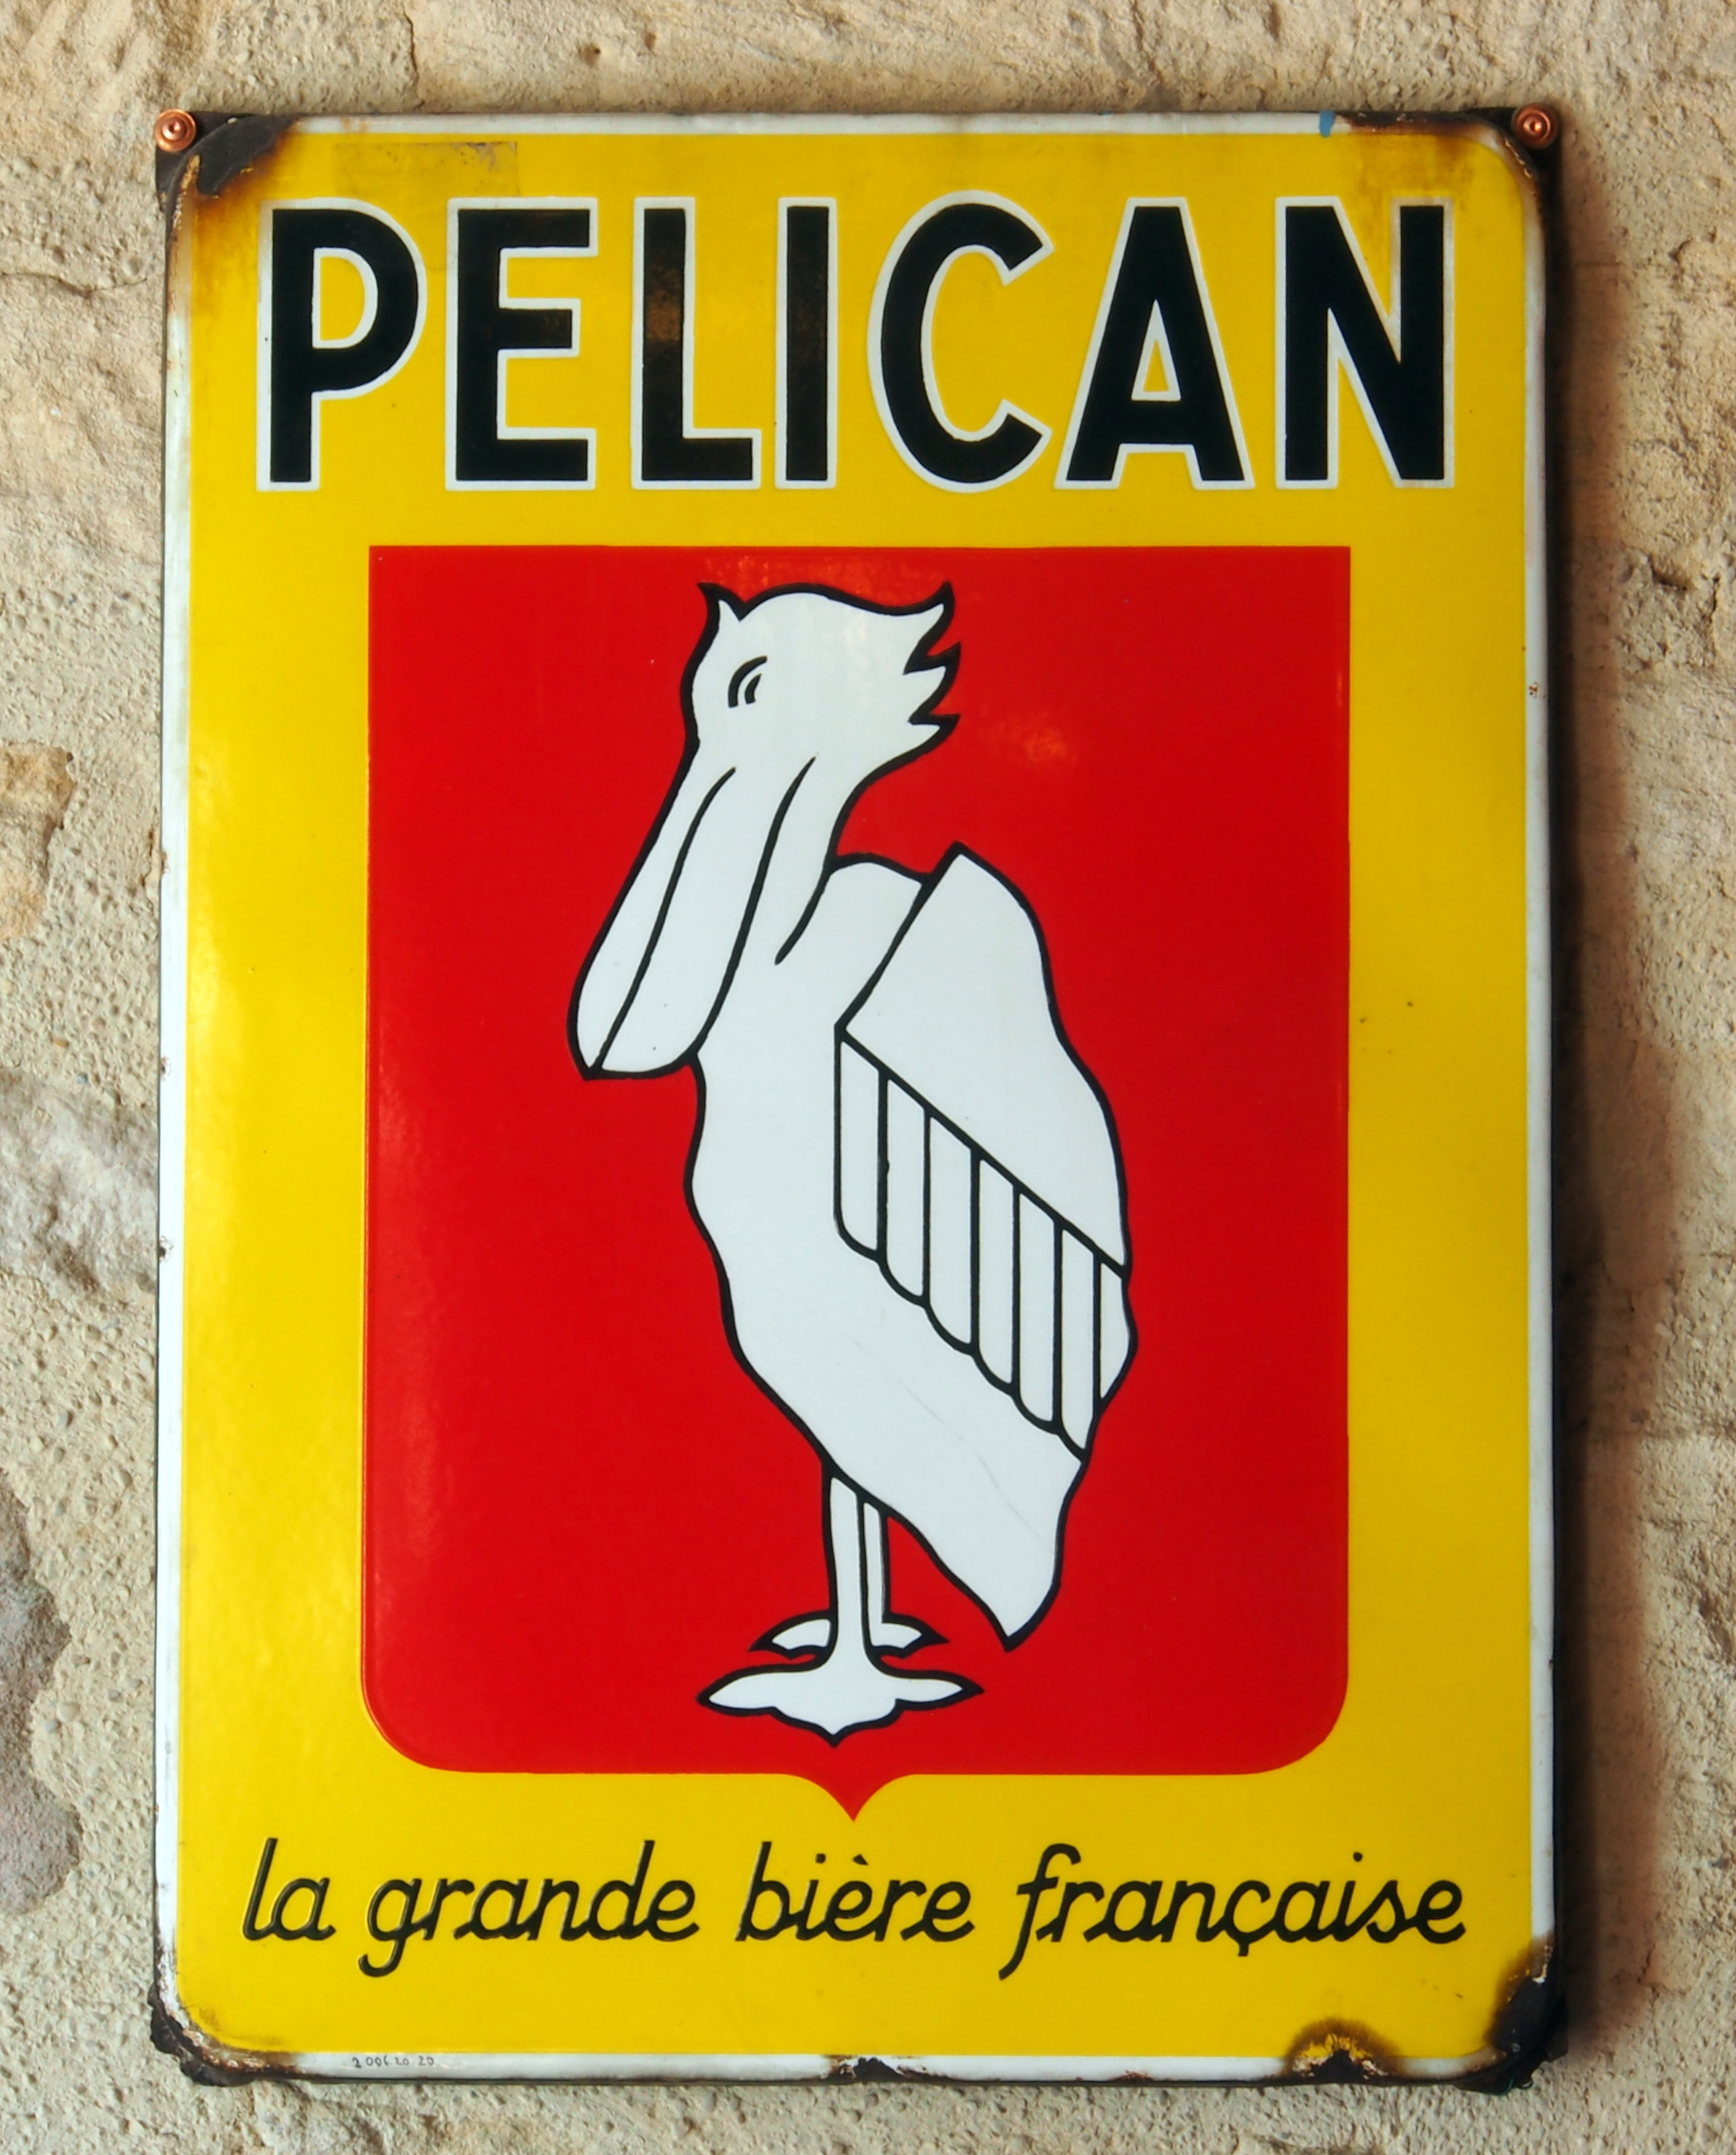 https://upload.wikimedia.org/wikipedia/commons/f/f6/Pelican_-_la_grande_bi%C3%A8re_fran%C3%A7aise%2C_enamel_advert_at_the_Mus%C3%A9e_Europ%C3%A9en_de_la_Bi%C3%A8re.JPG